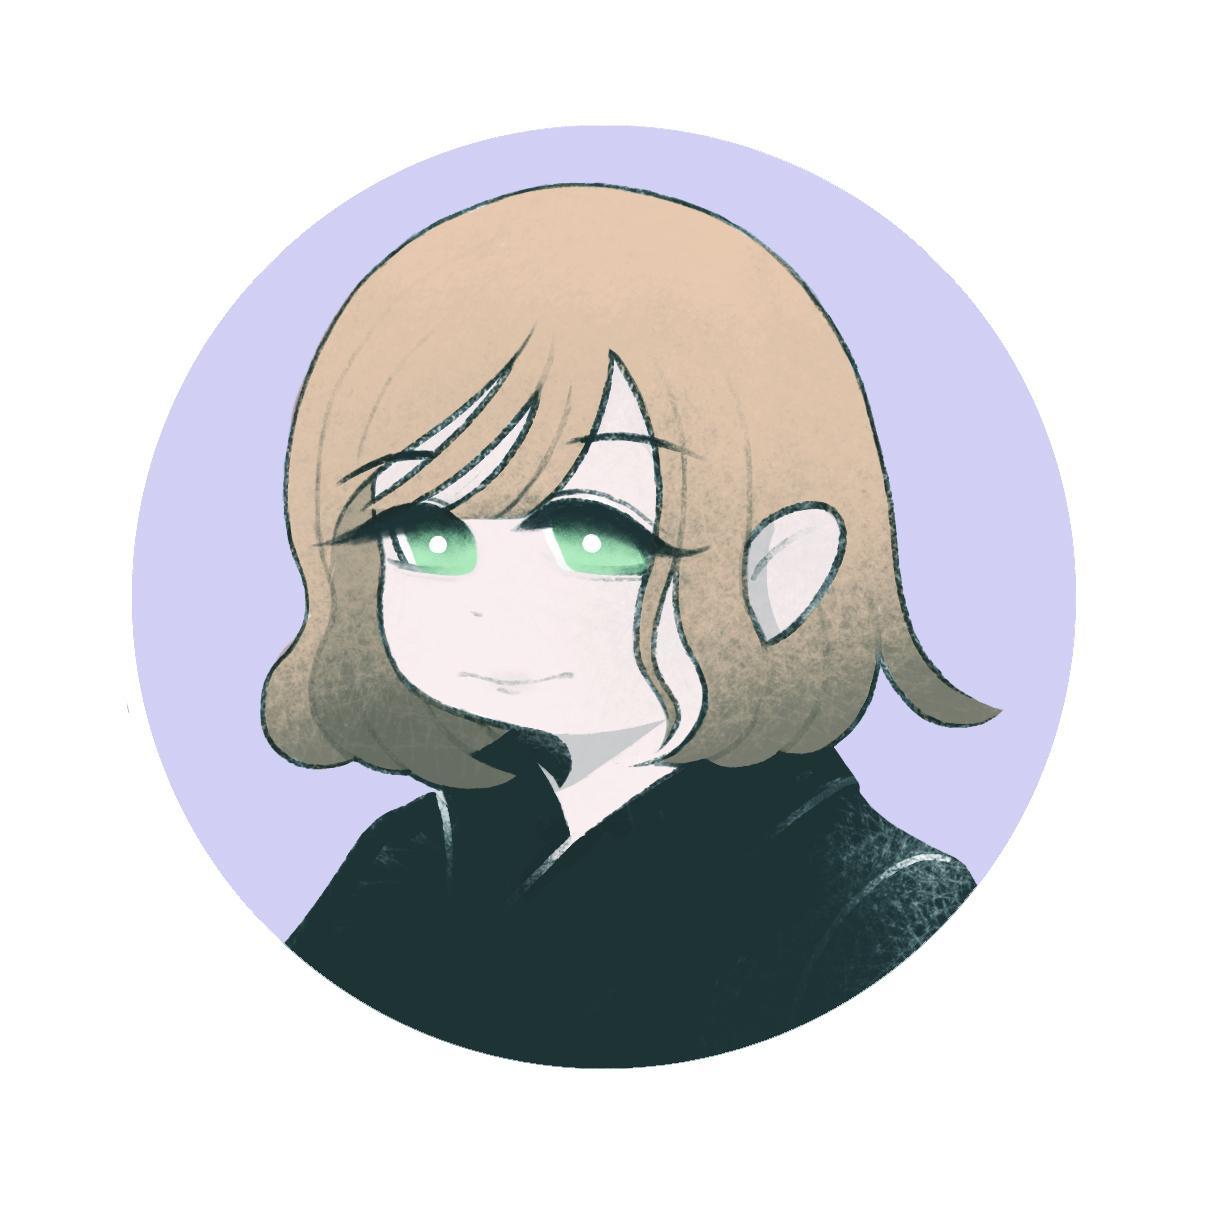 似顔絵を描きます ☆SNSアイコンなどにオススメ☆